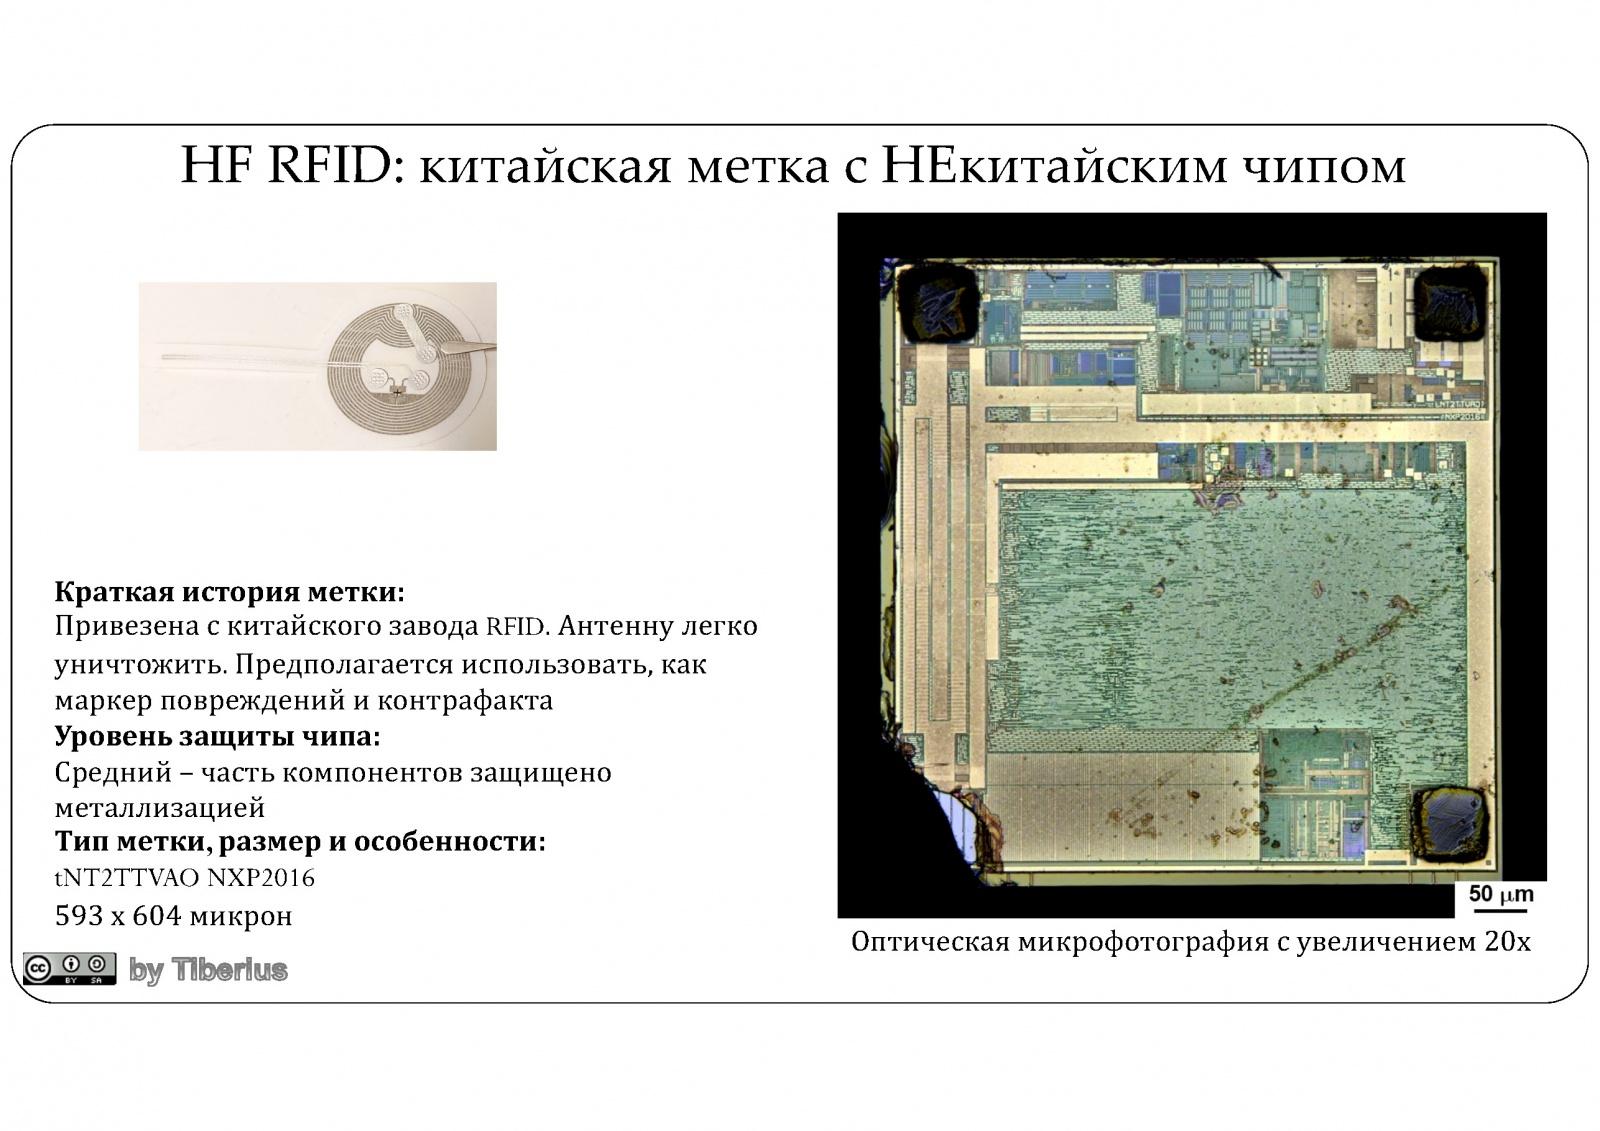 Взгляд изнутри: RFID в современном мире. Часть 2: китайские RFID - 7